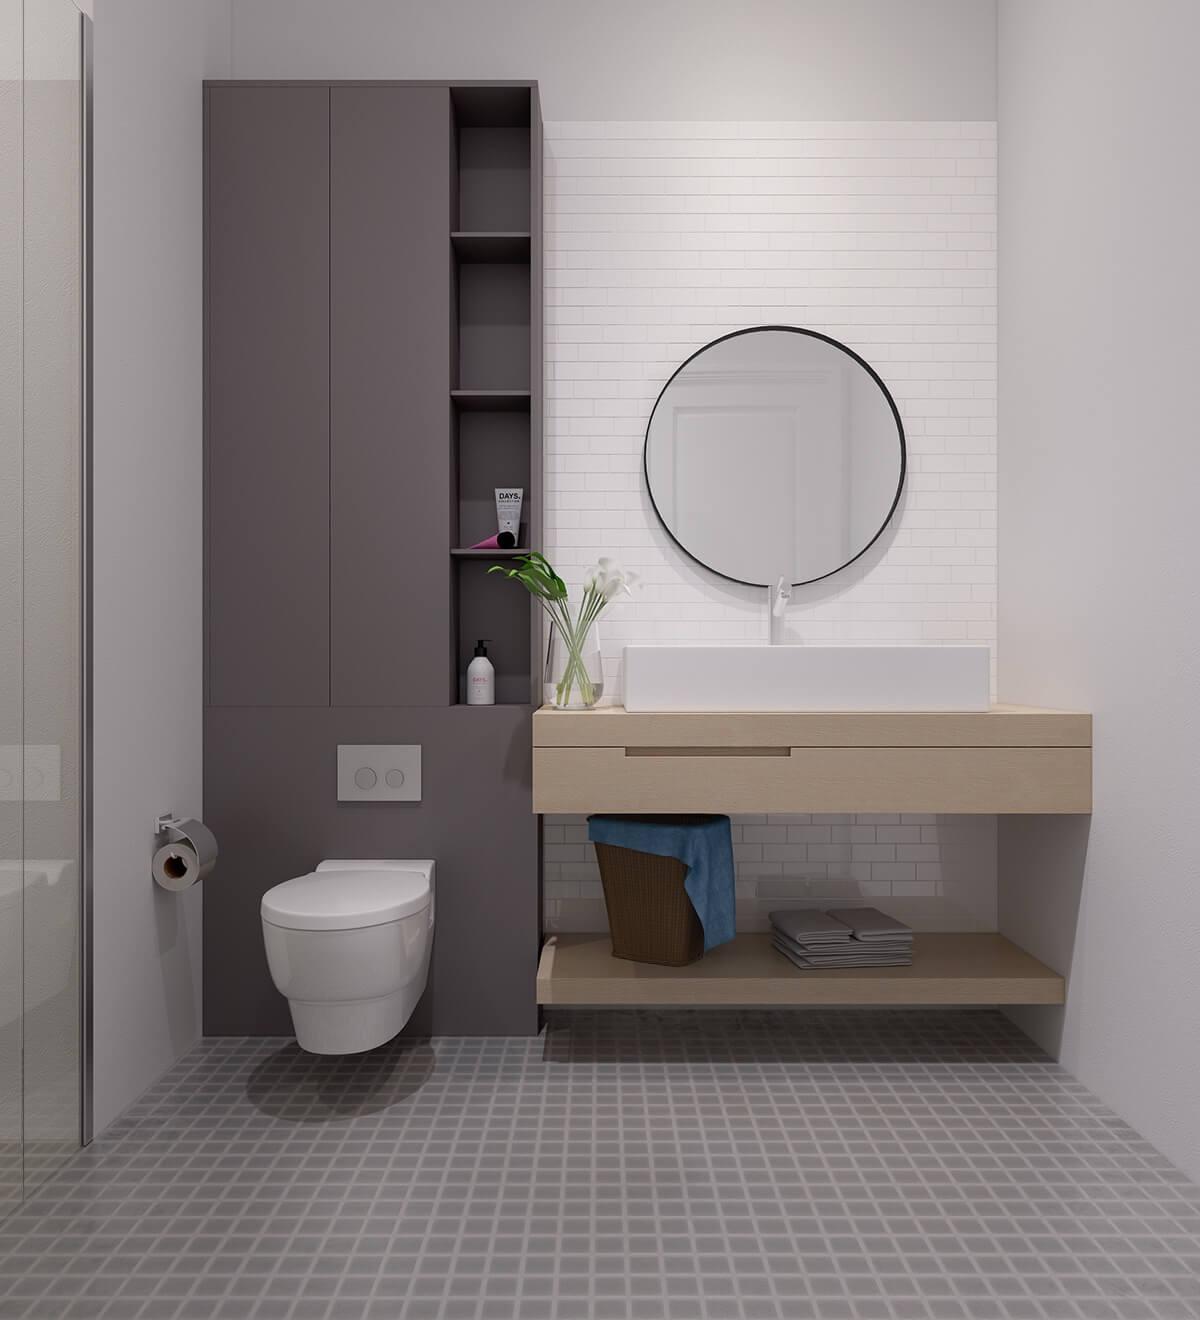 thiết kế nội thất chung cư nhỏ 40m2 10